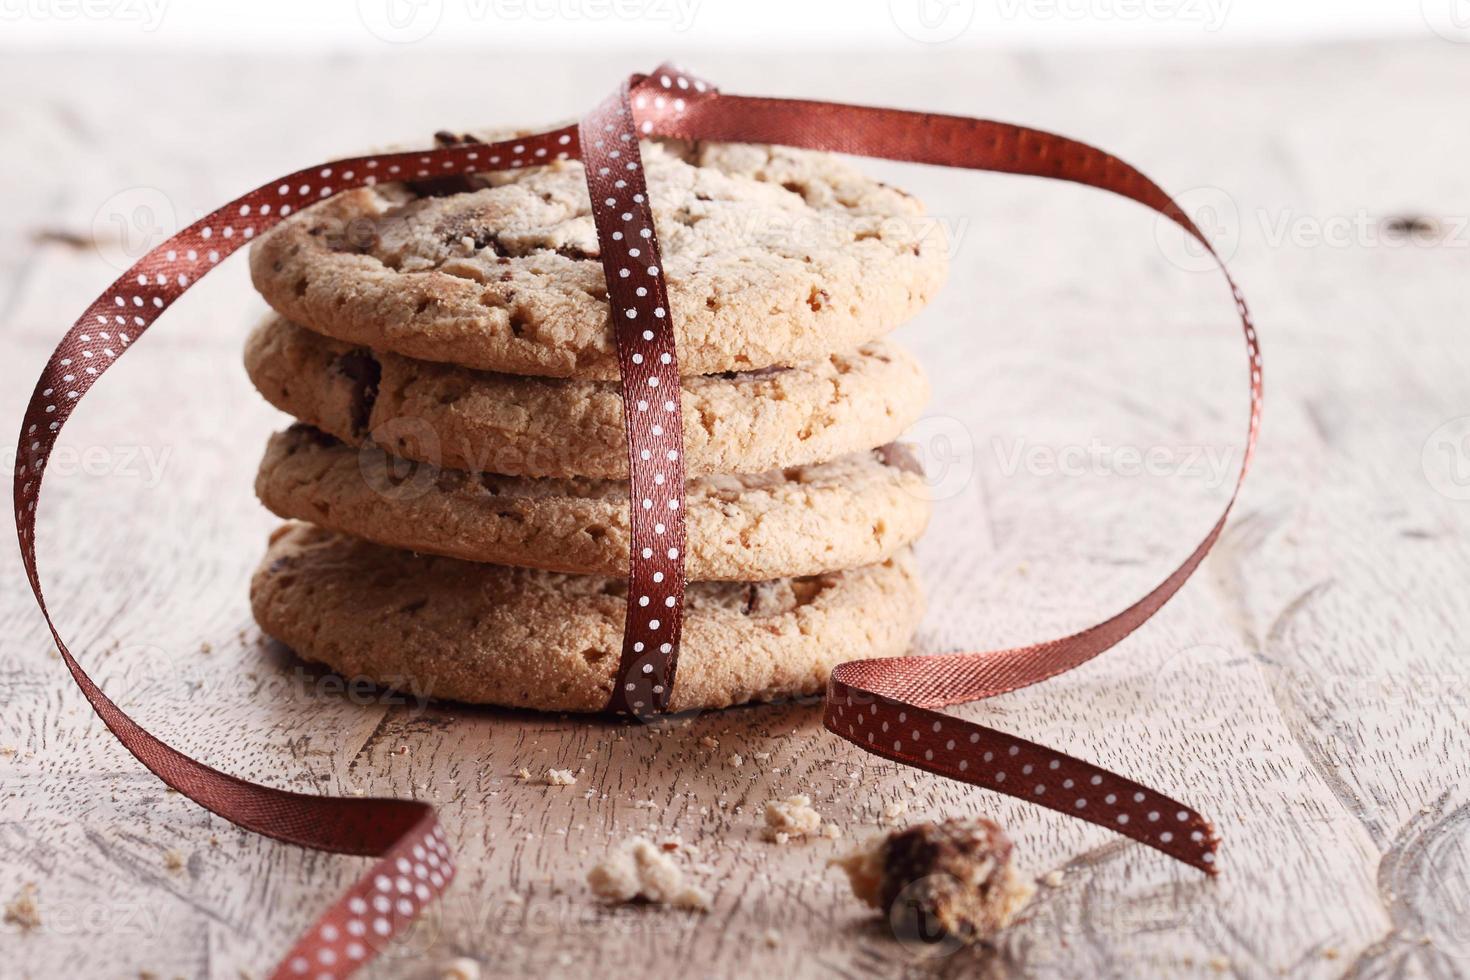 biscoitos de chocolate com fita foto